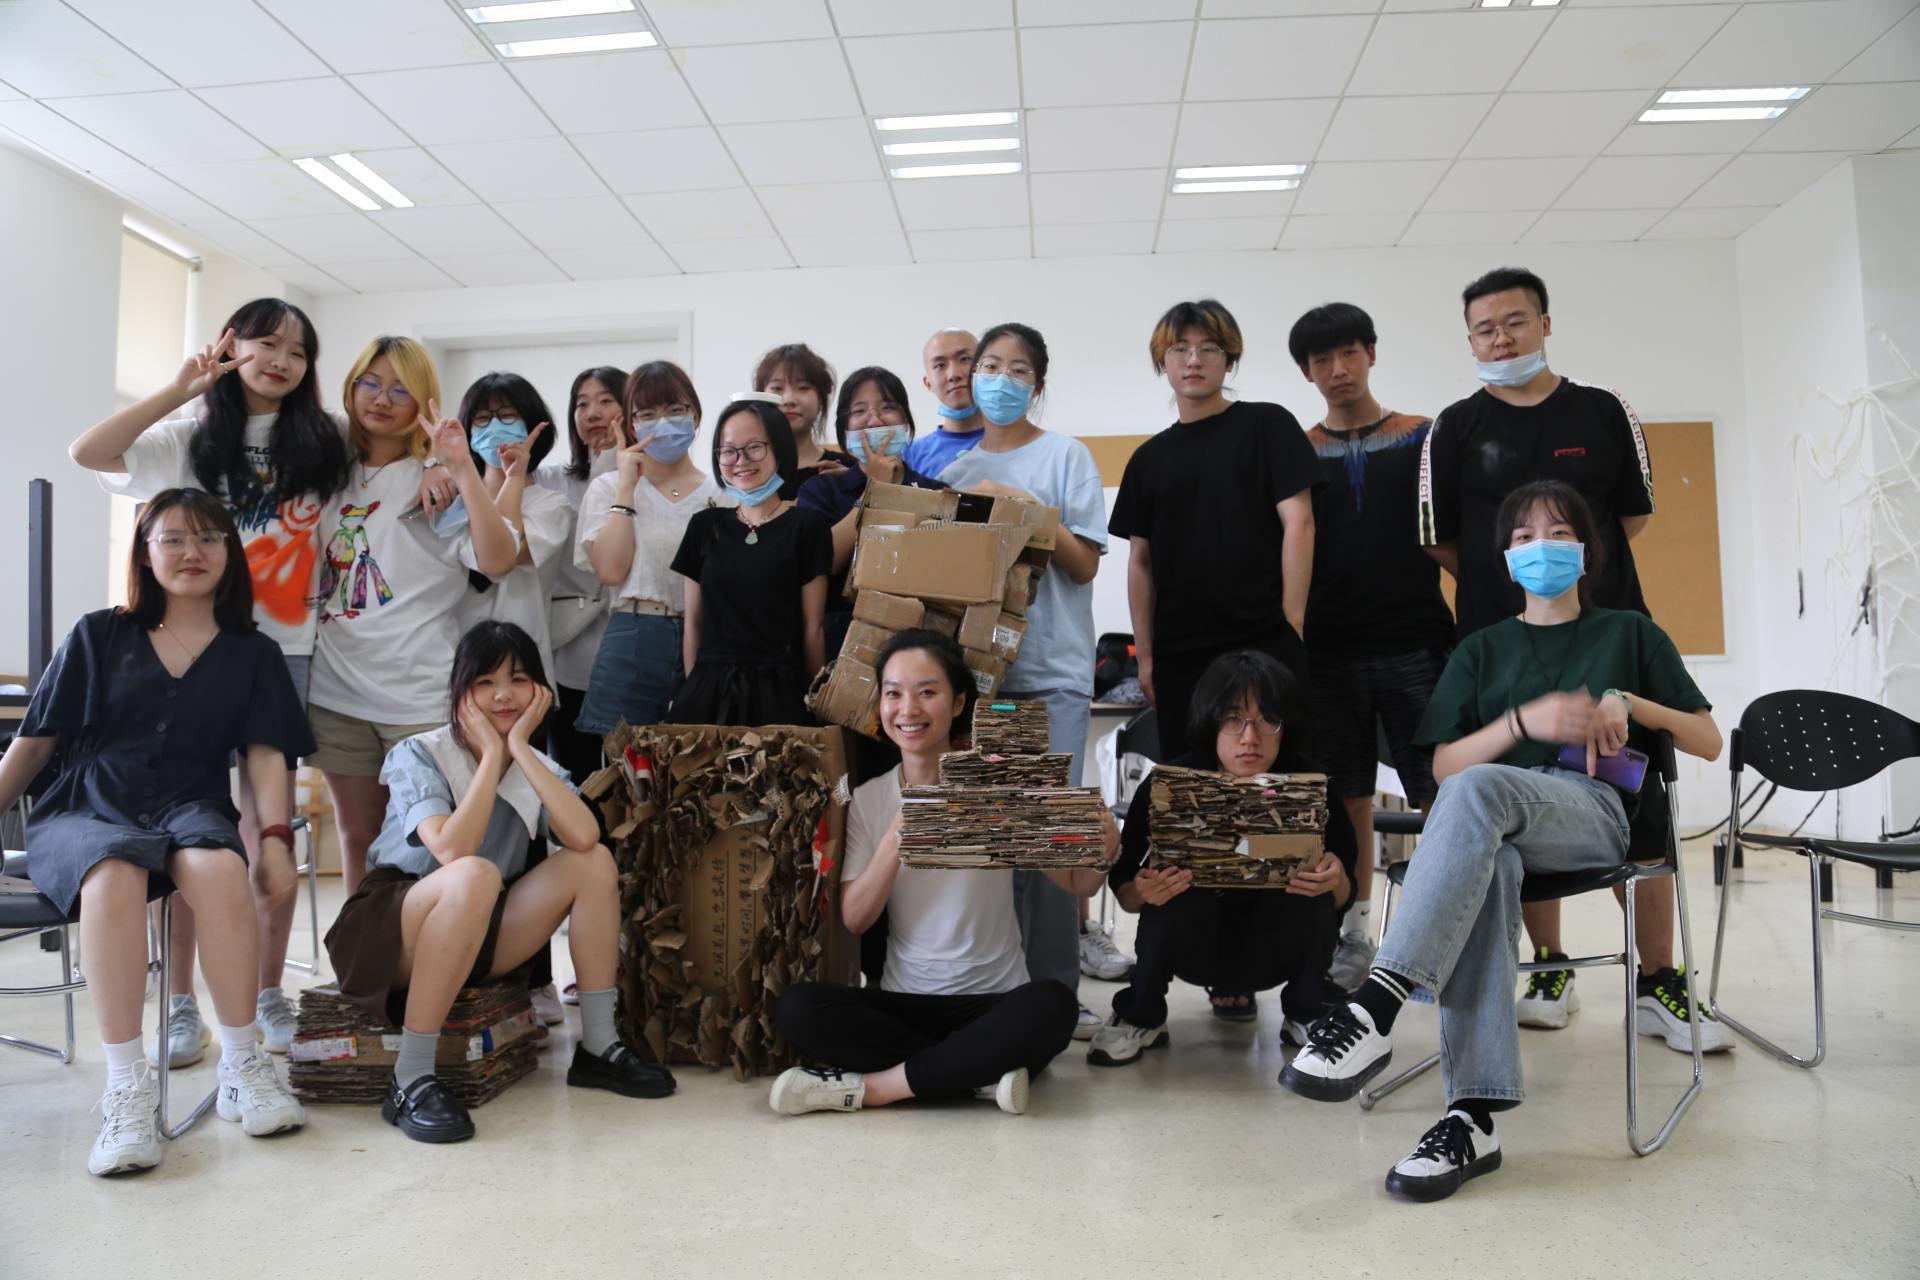 本文作者鲁潇和她的学生在课堂上的艺术探索